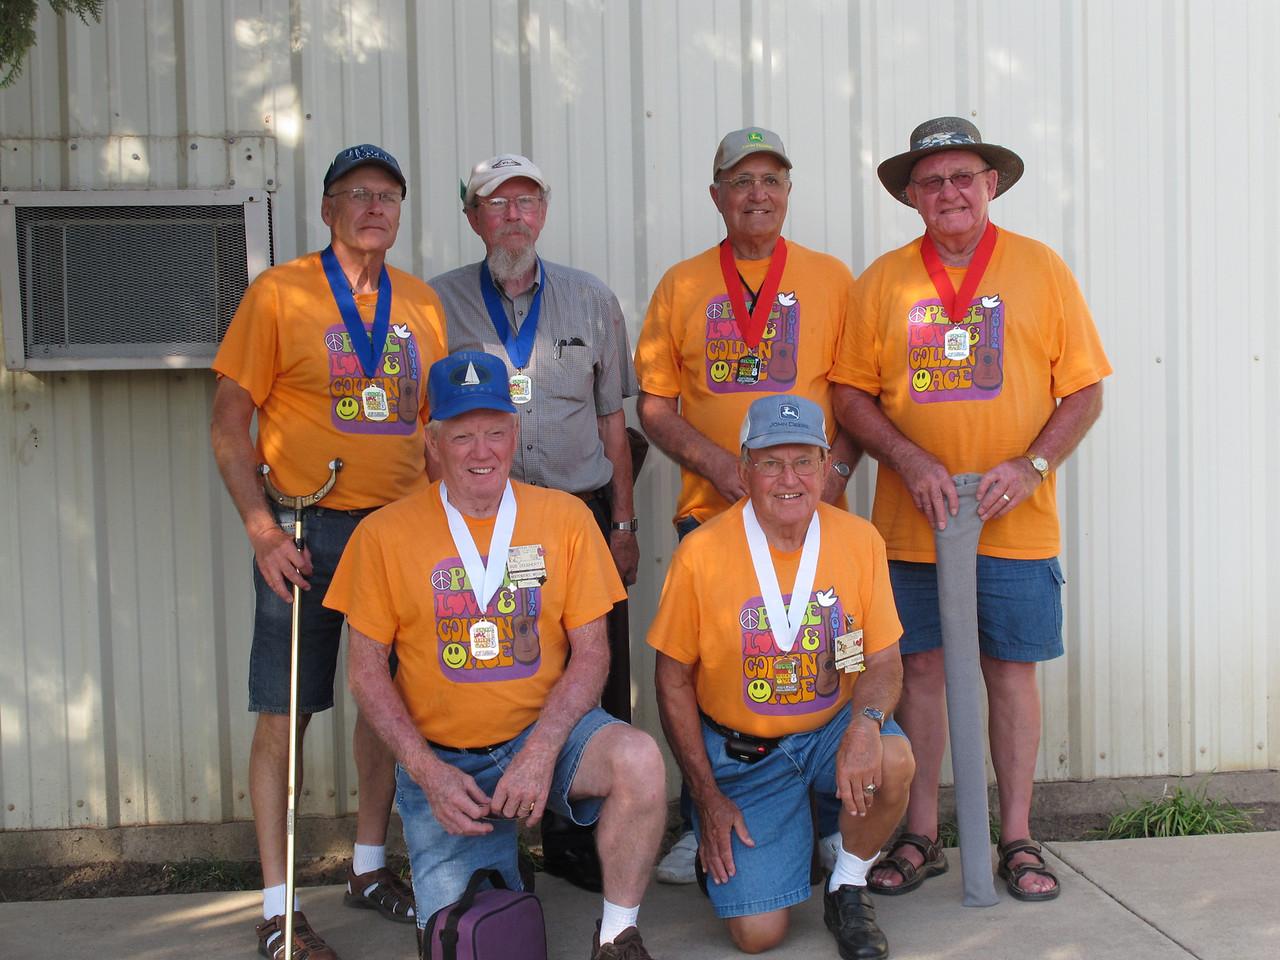 Shuffleboard Men's Doubles Amateur (L-R) Top Row 1st Place - Maurice Cadieux (McAllen Mobile) & Leo Porter (McAllen Mobile), 2nd Place - Stewart Douglas (McAllen Mobile) & Maynard Patten (McAllen Mobile) 3rd Place - Earl Lizer (Texas Trails) & Bob Dougherty (Texas Trails).